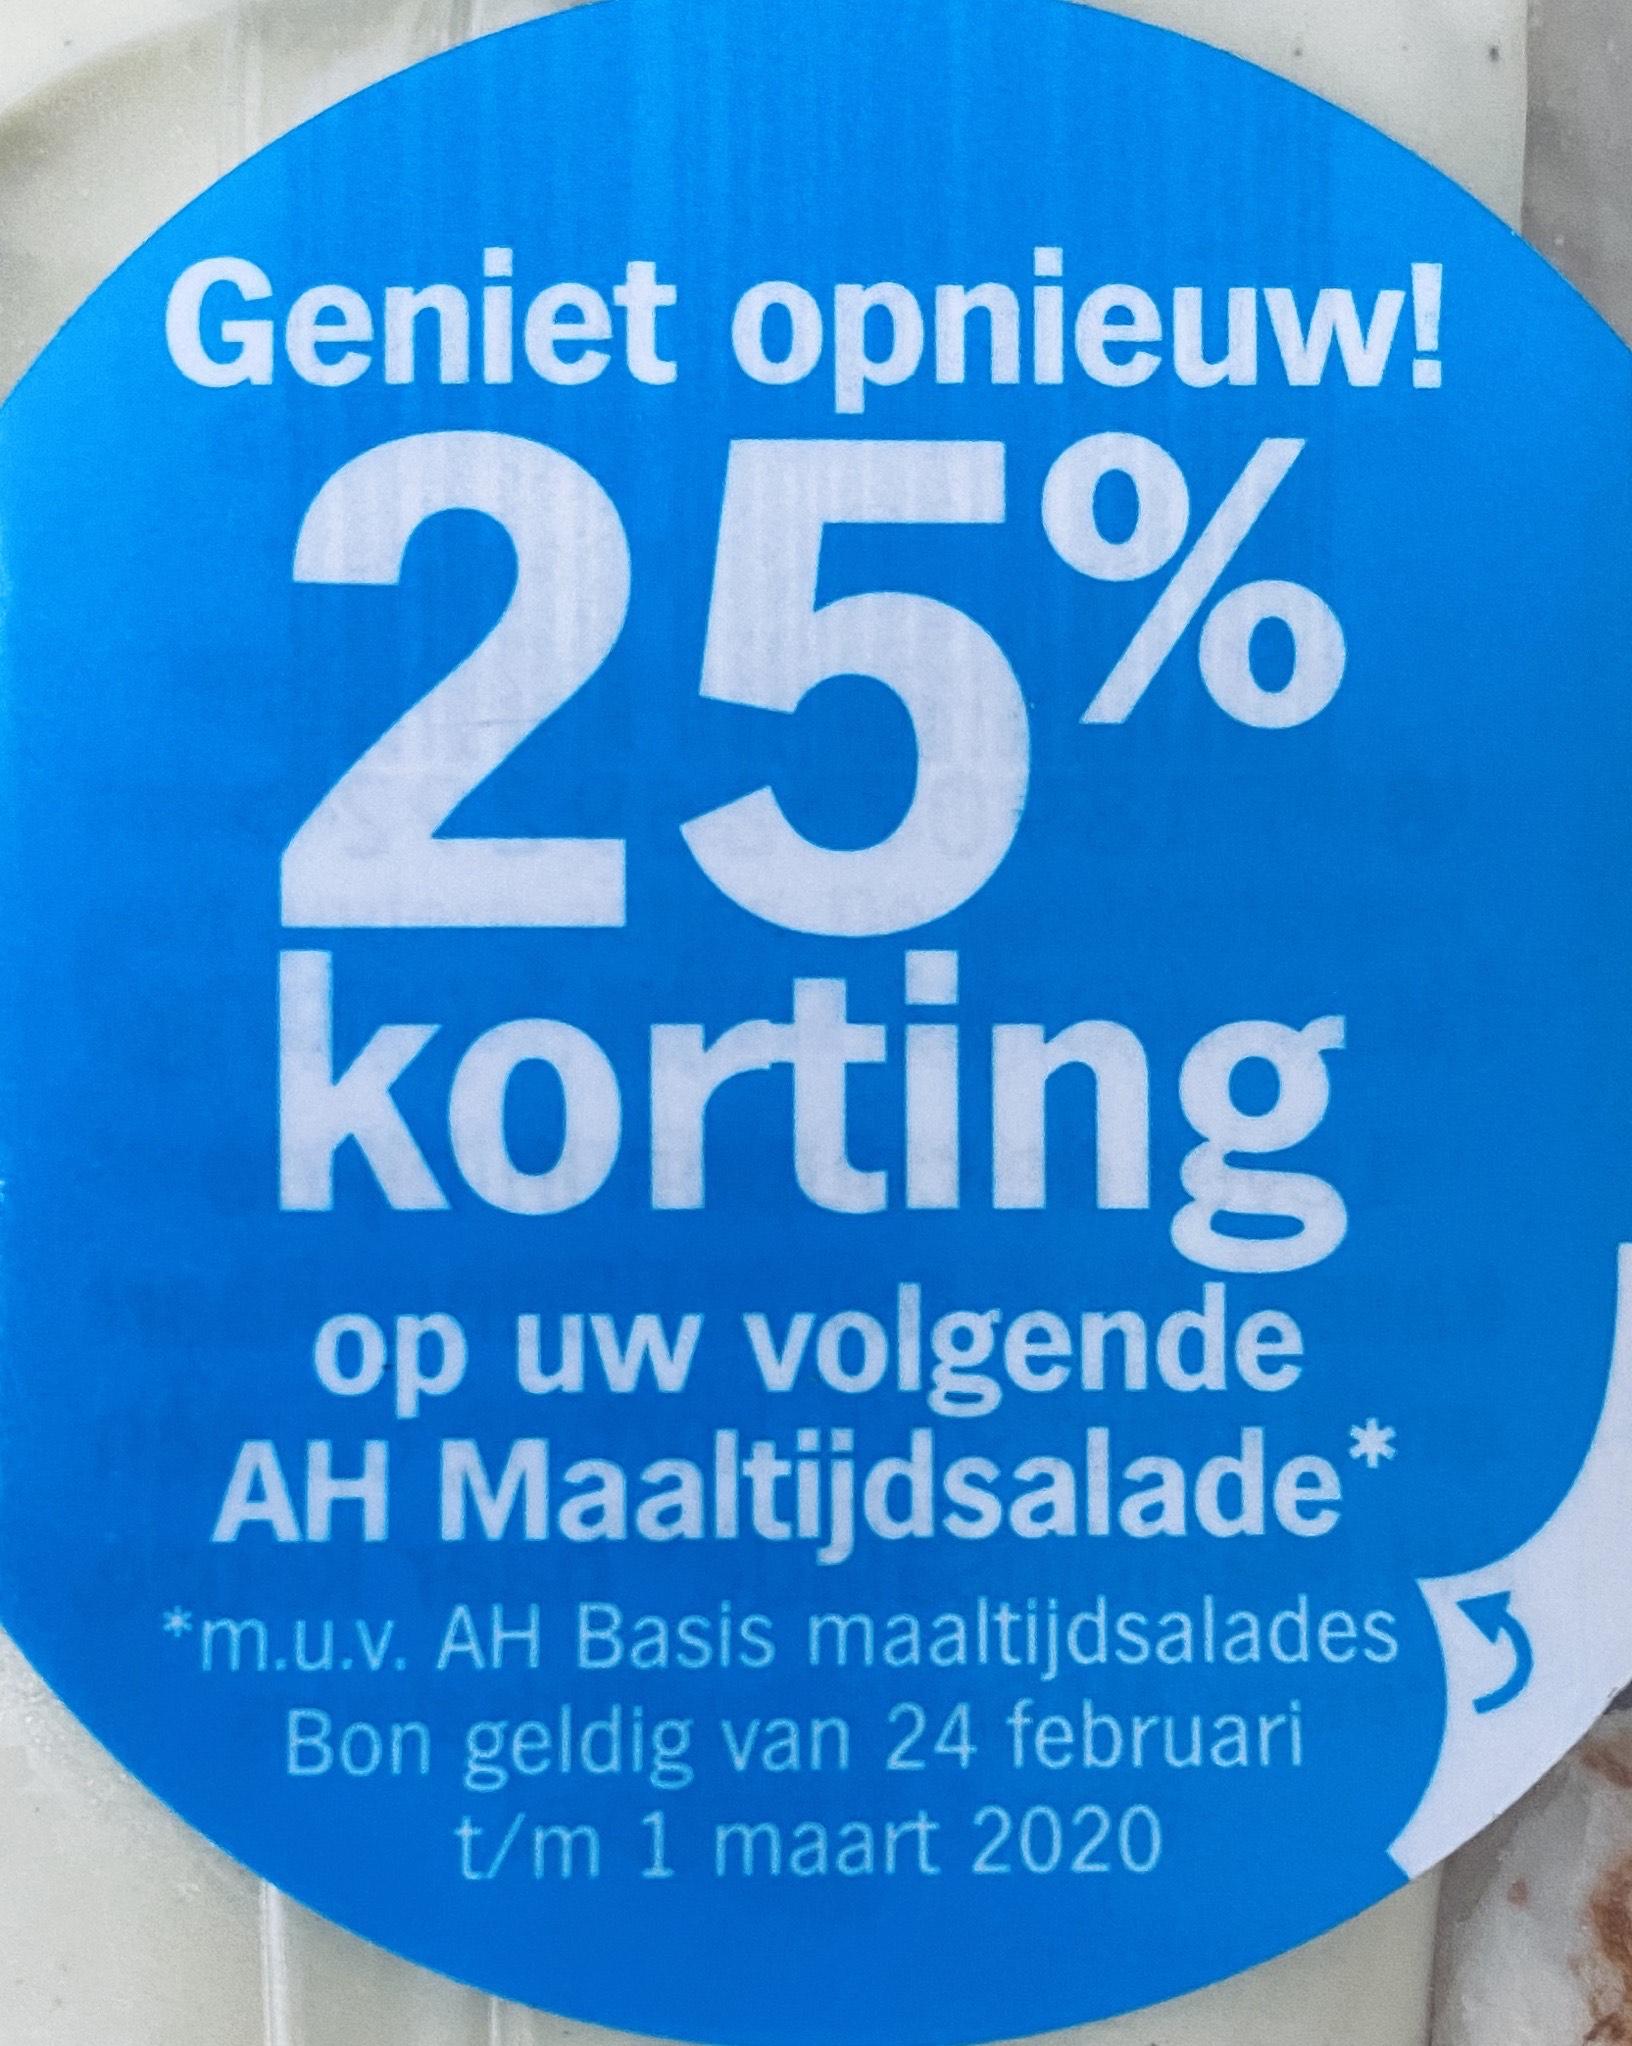 25% korting op AH maaltijdsalades